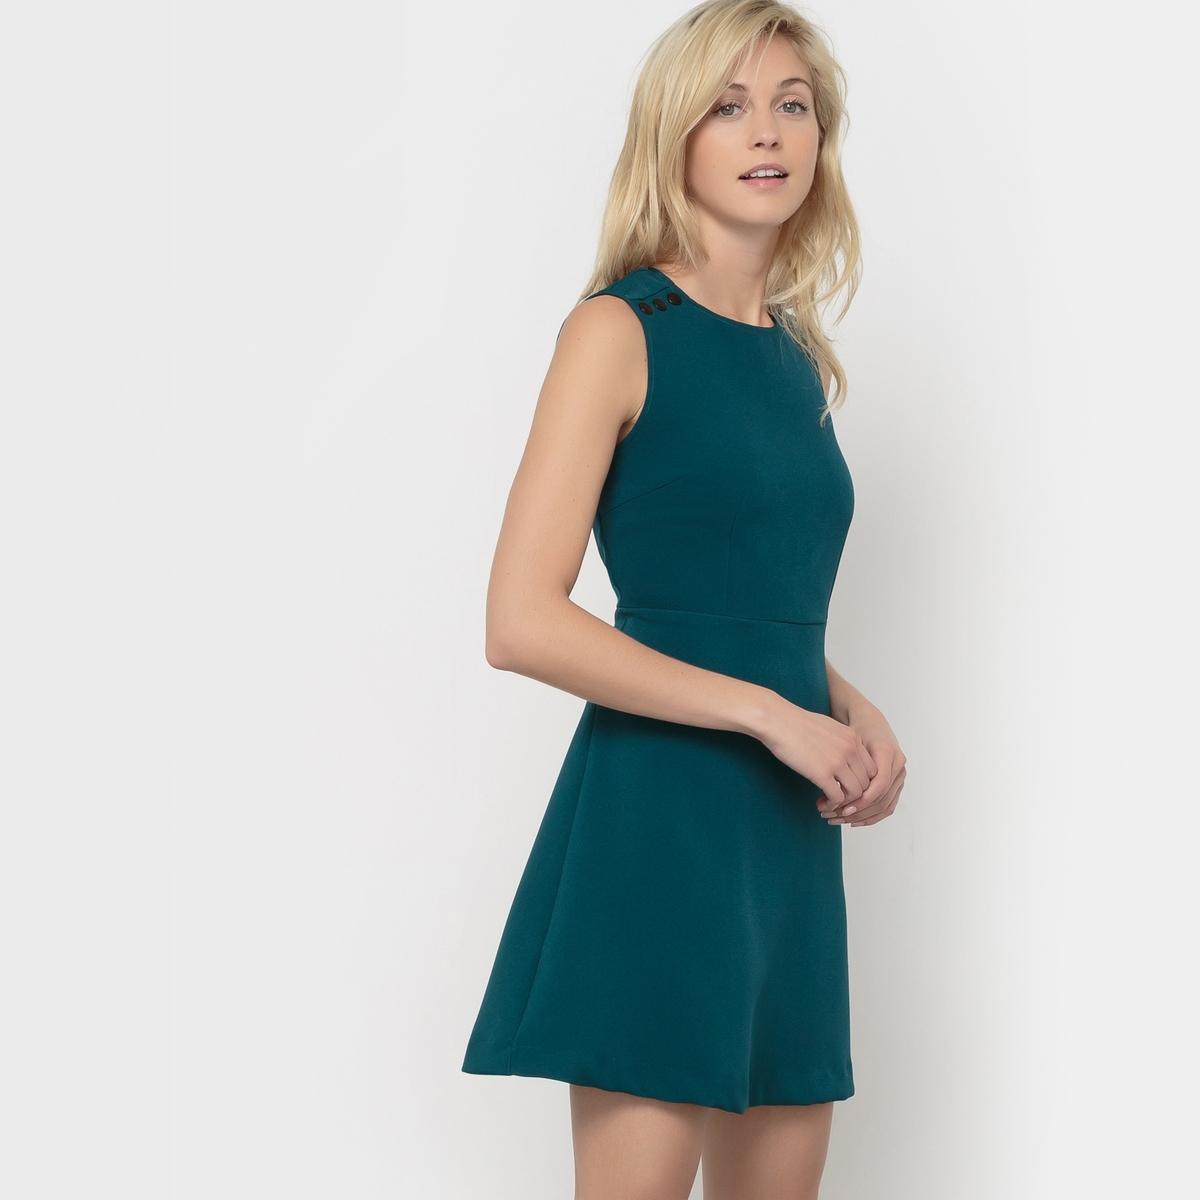 Платье без рукавовСостав и описание     Материал        96% полиэстера, 4% эластана     Марка        VERO MODA<br><br>Цвет: сине-зеленый<br>Размер: L